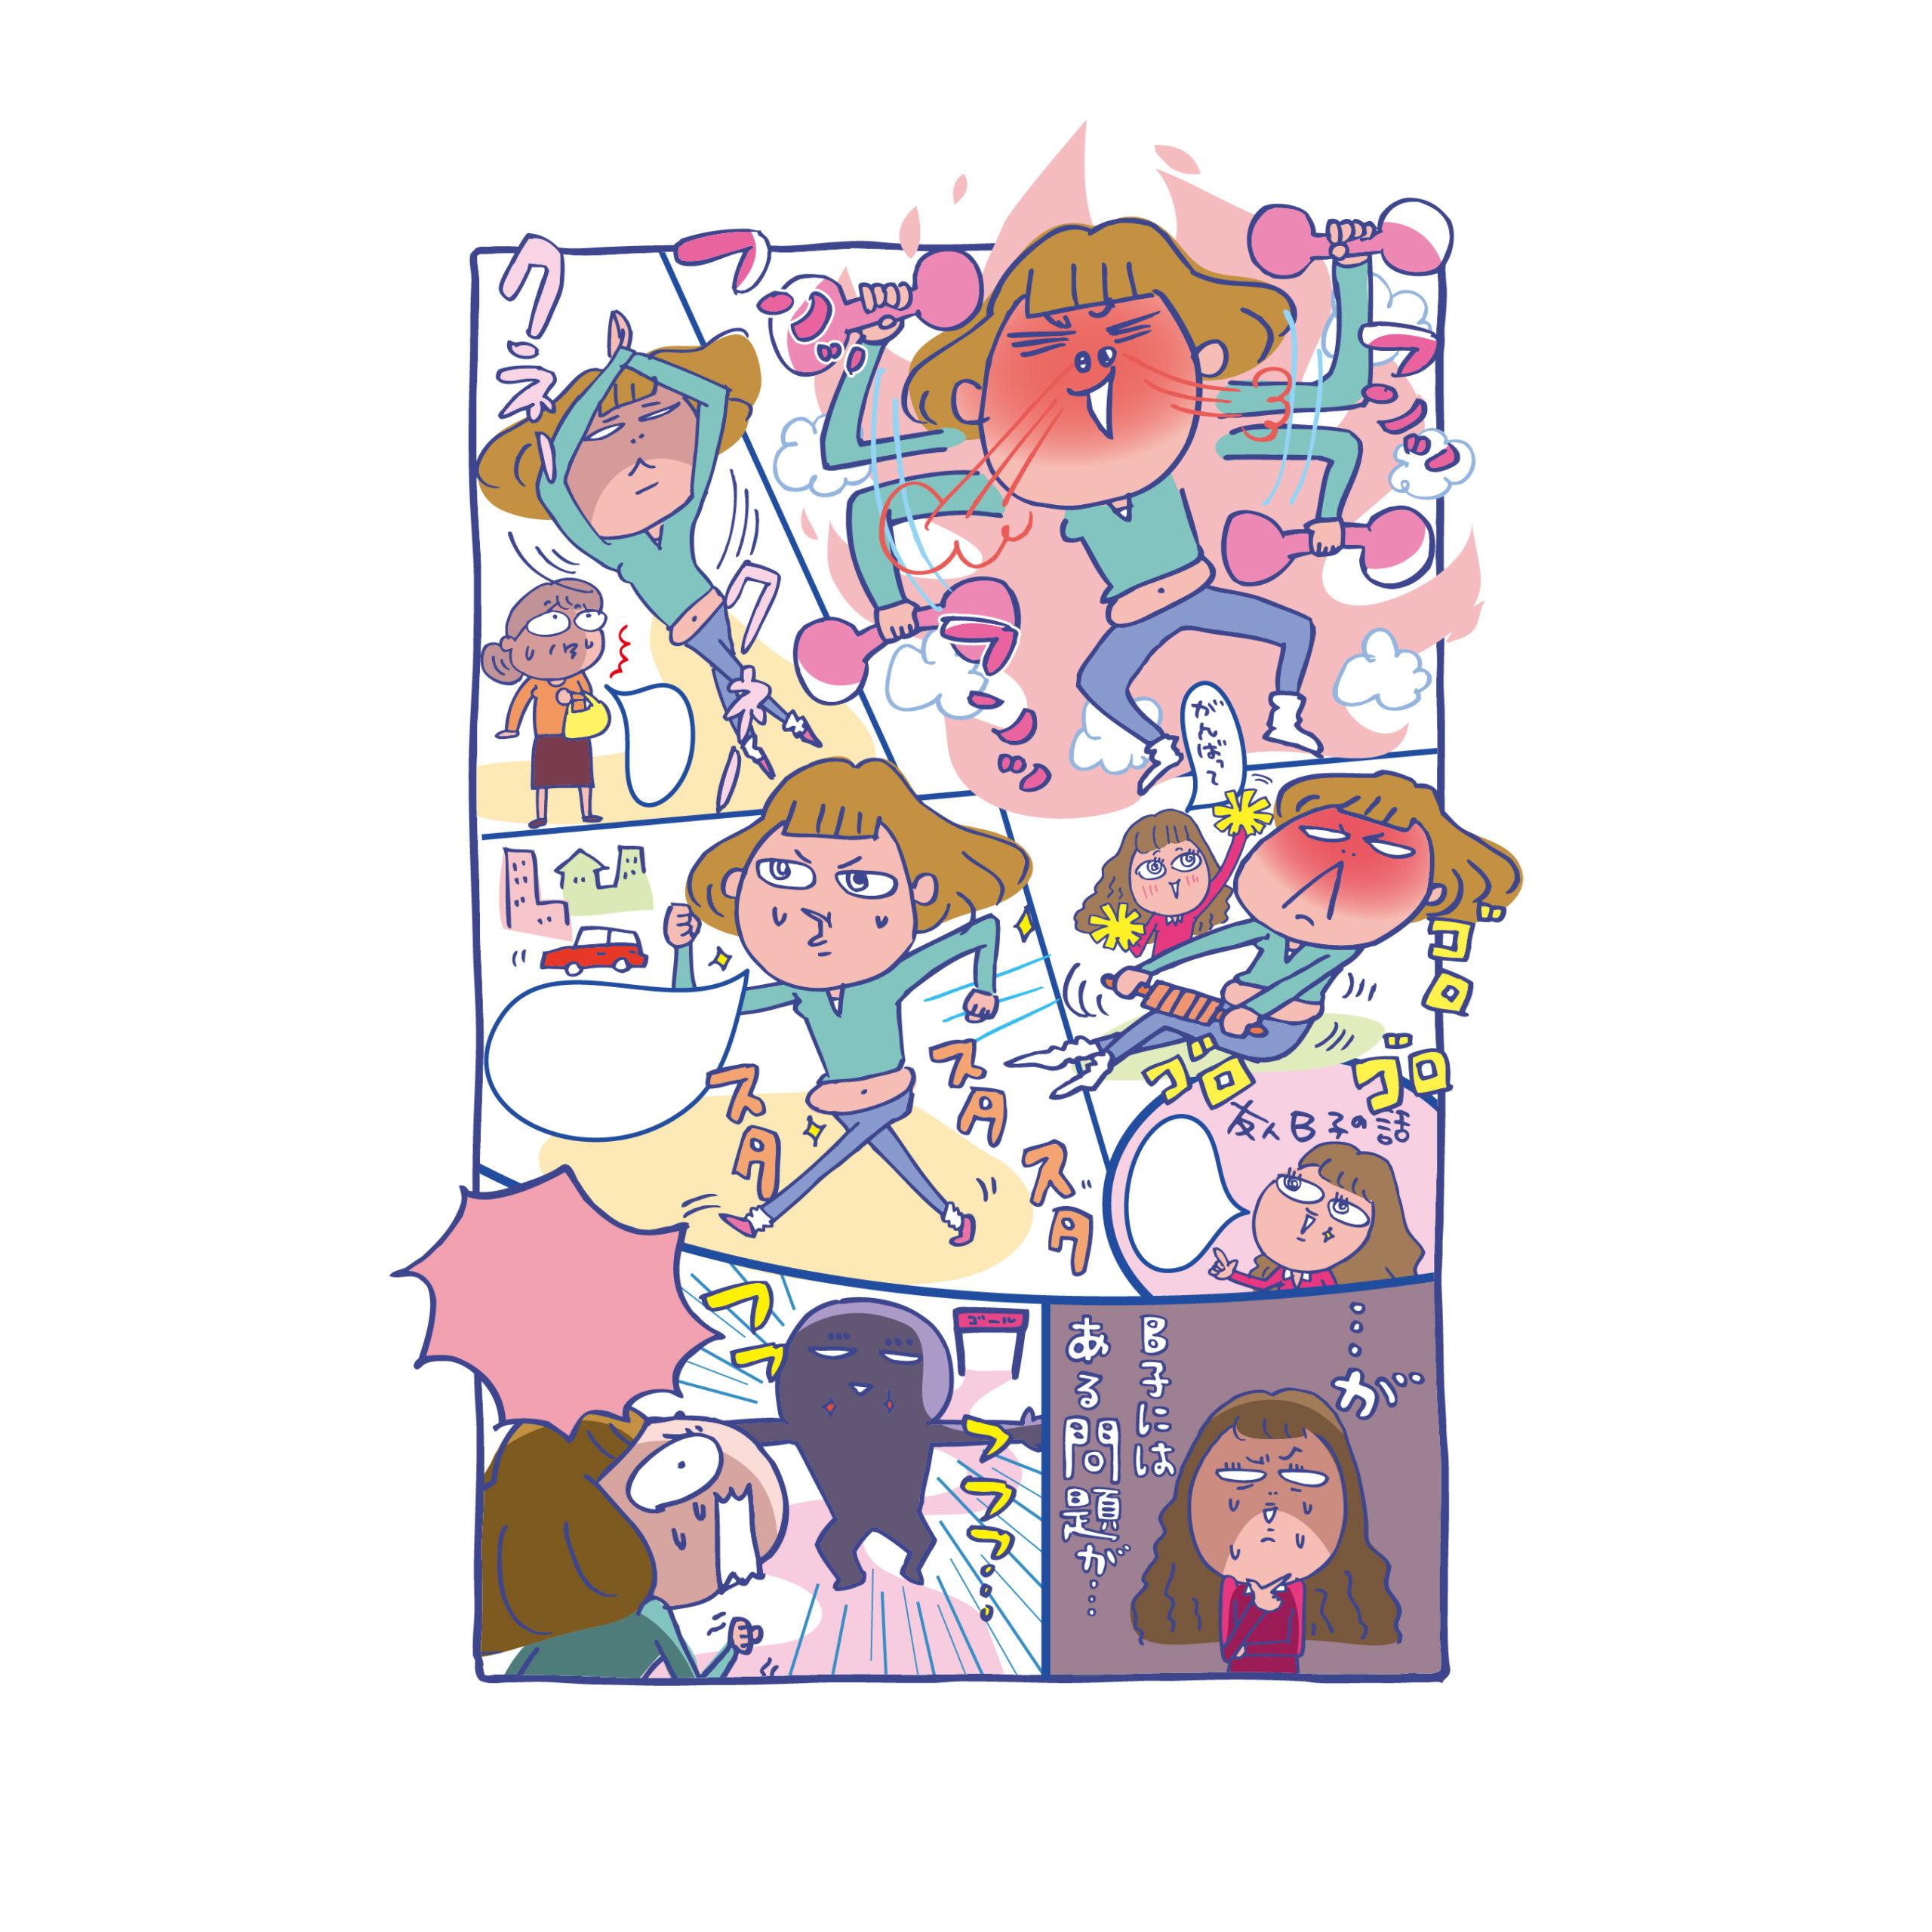 おもしろ系コママンガ(illust13)